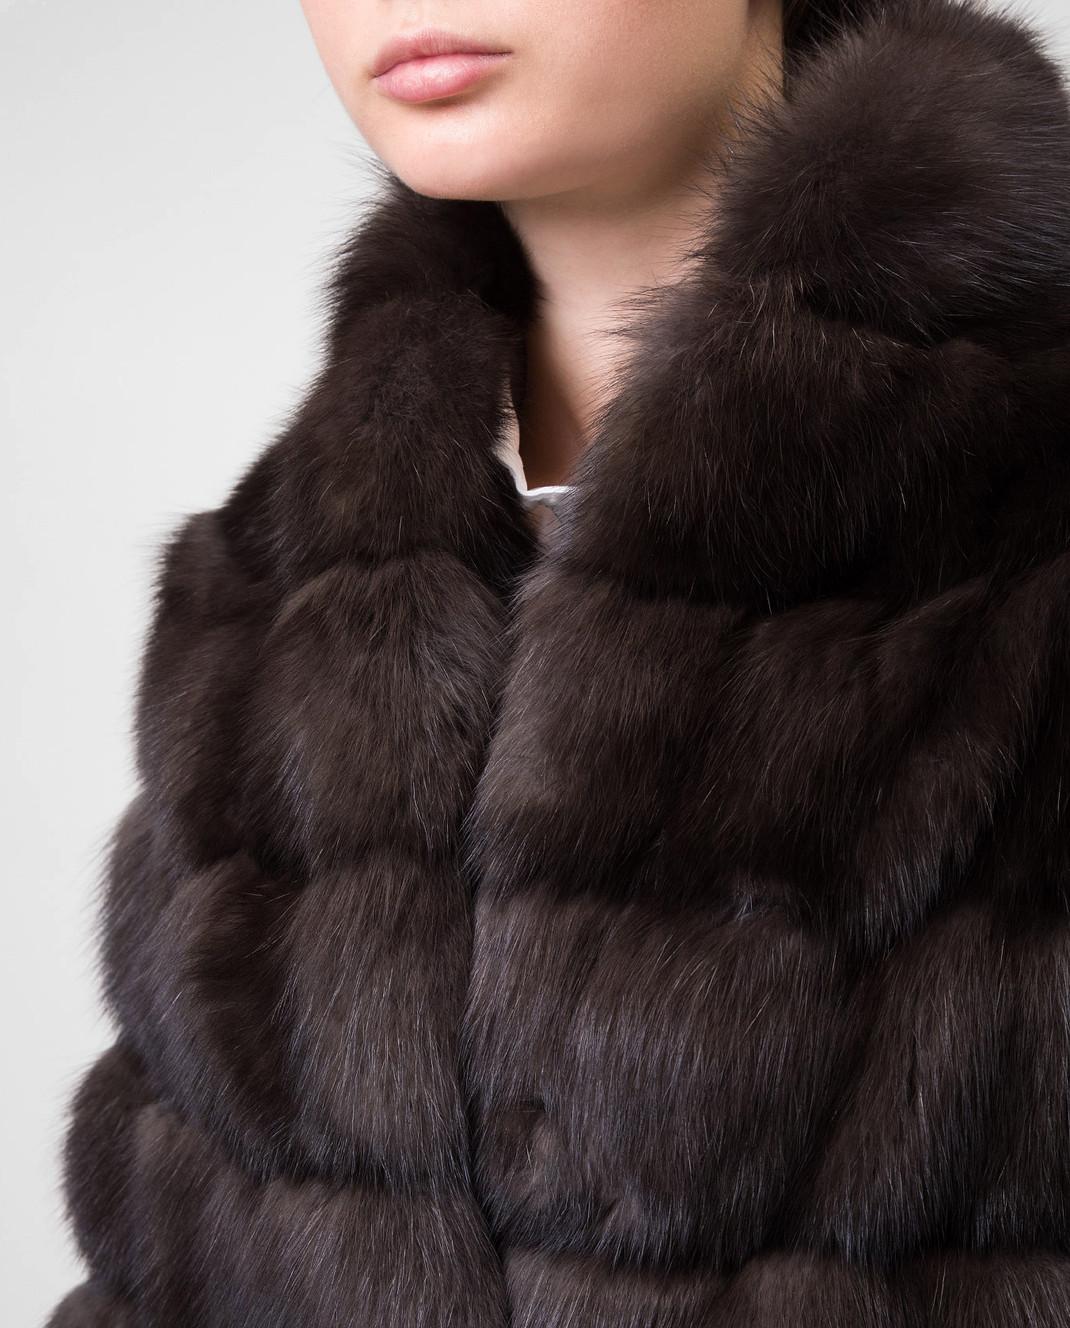 Real Furs House Черное меховое пальто SBR29548DARK изображение 5